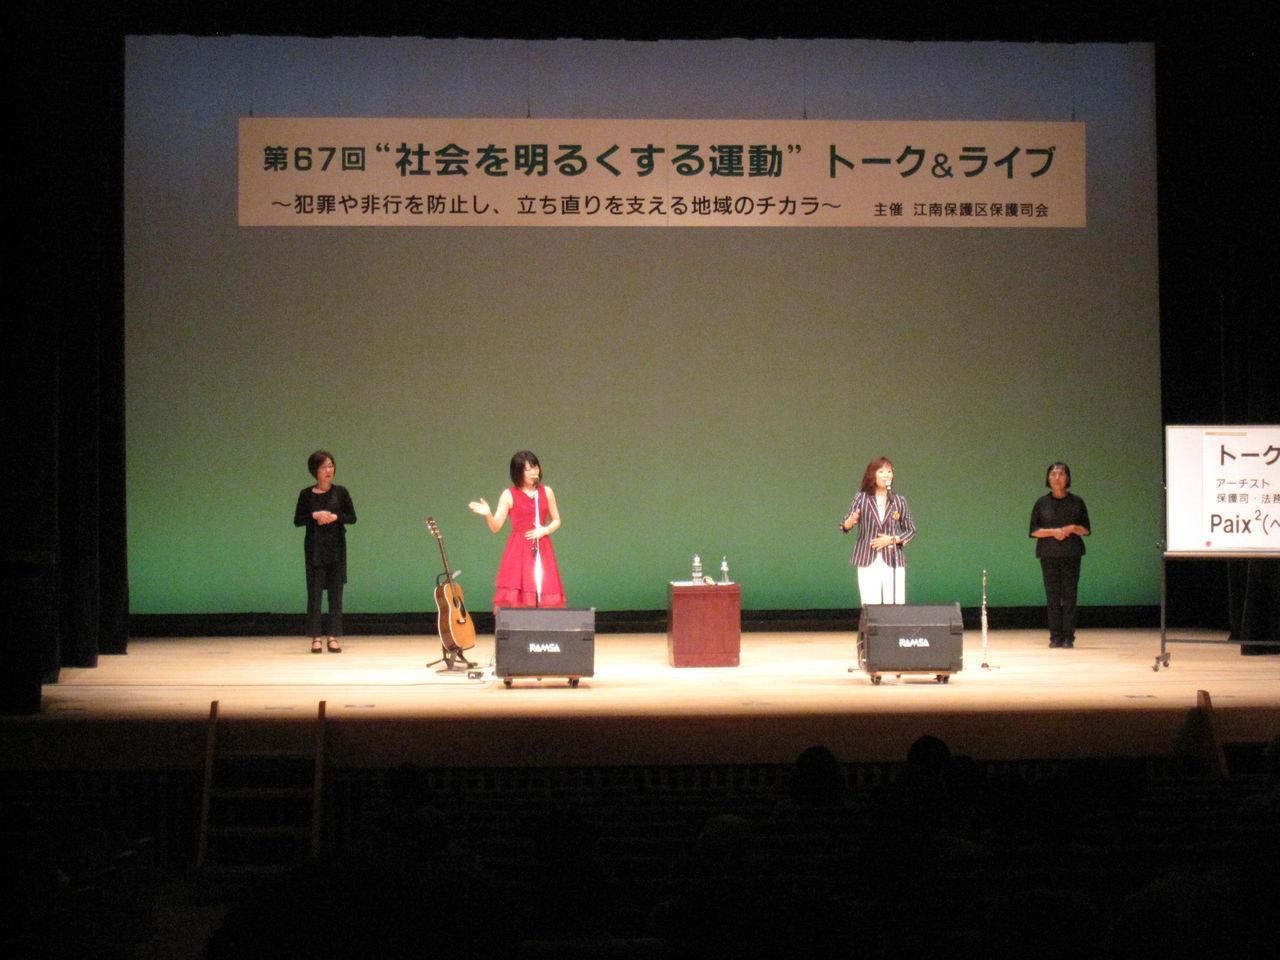 受刑者のアイドル・Paix2(ぺぺ)